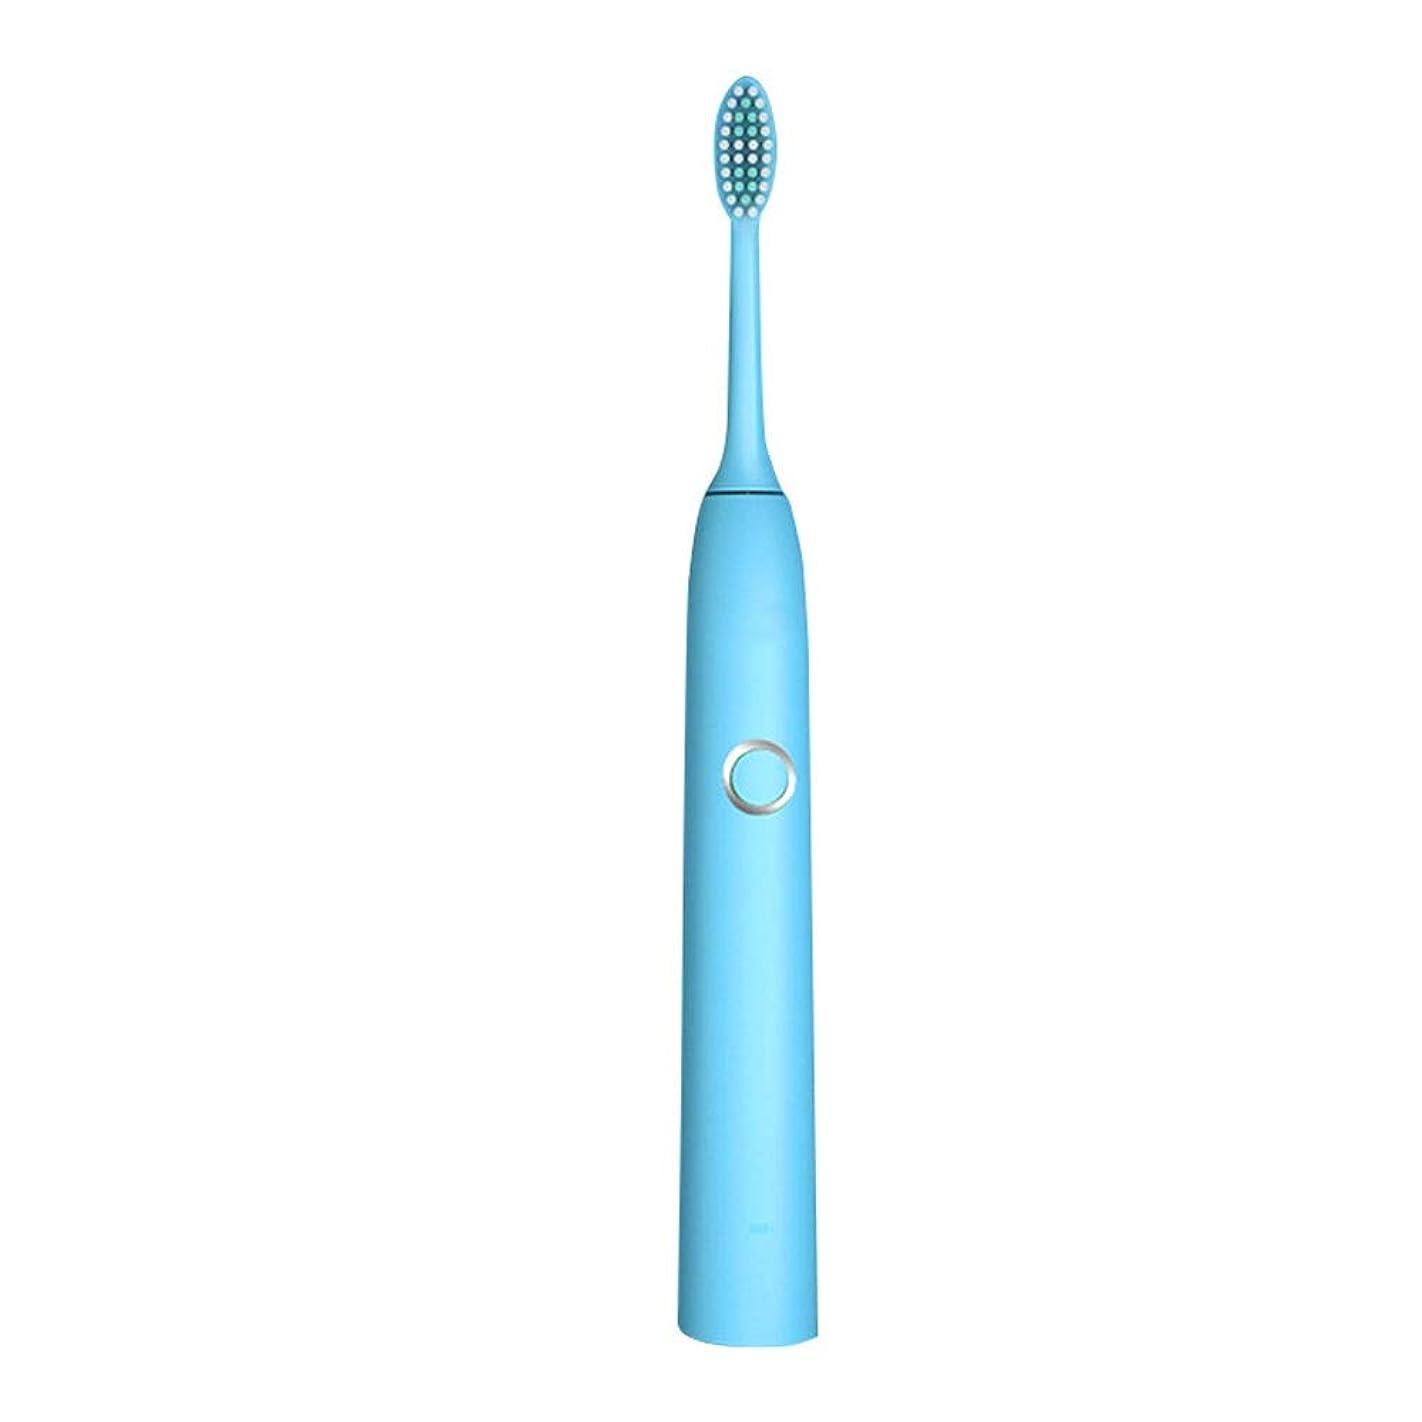 魔術師対象分泌する電動歯ブラシ大人保護クリーンUSB充電式歯ブラシホワイトニング歯医者推奨 (色 : 青, サイズ : Free size)